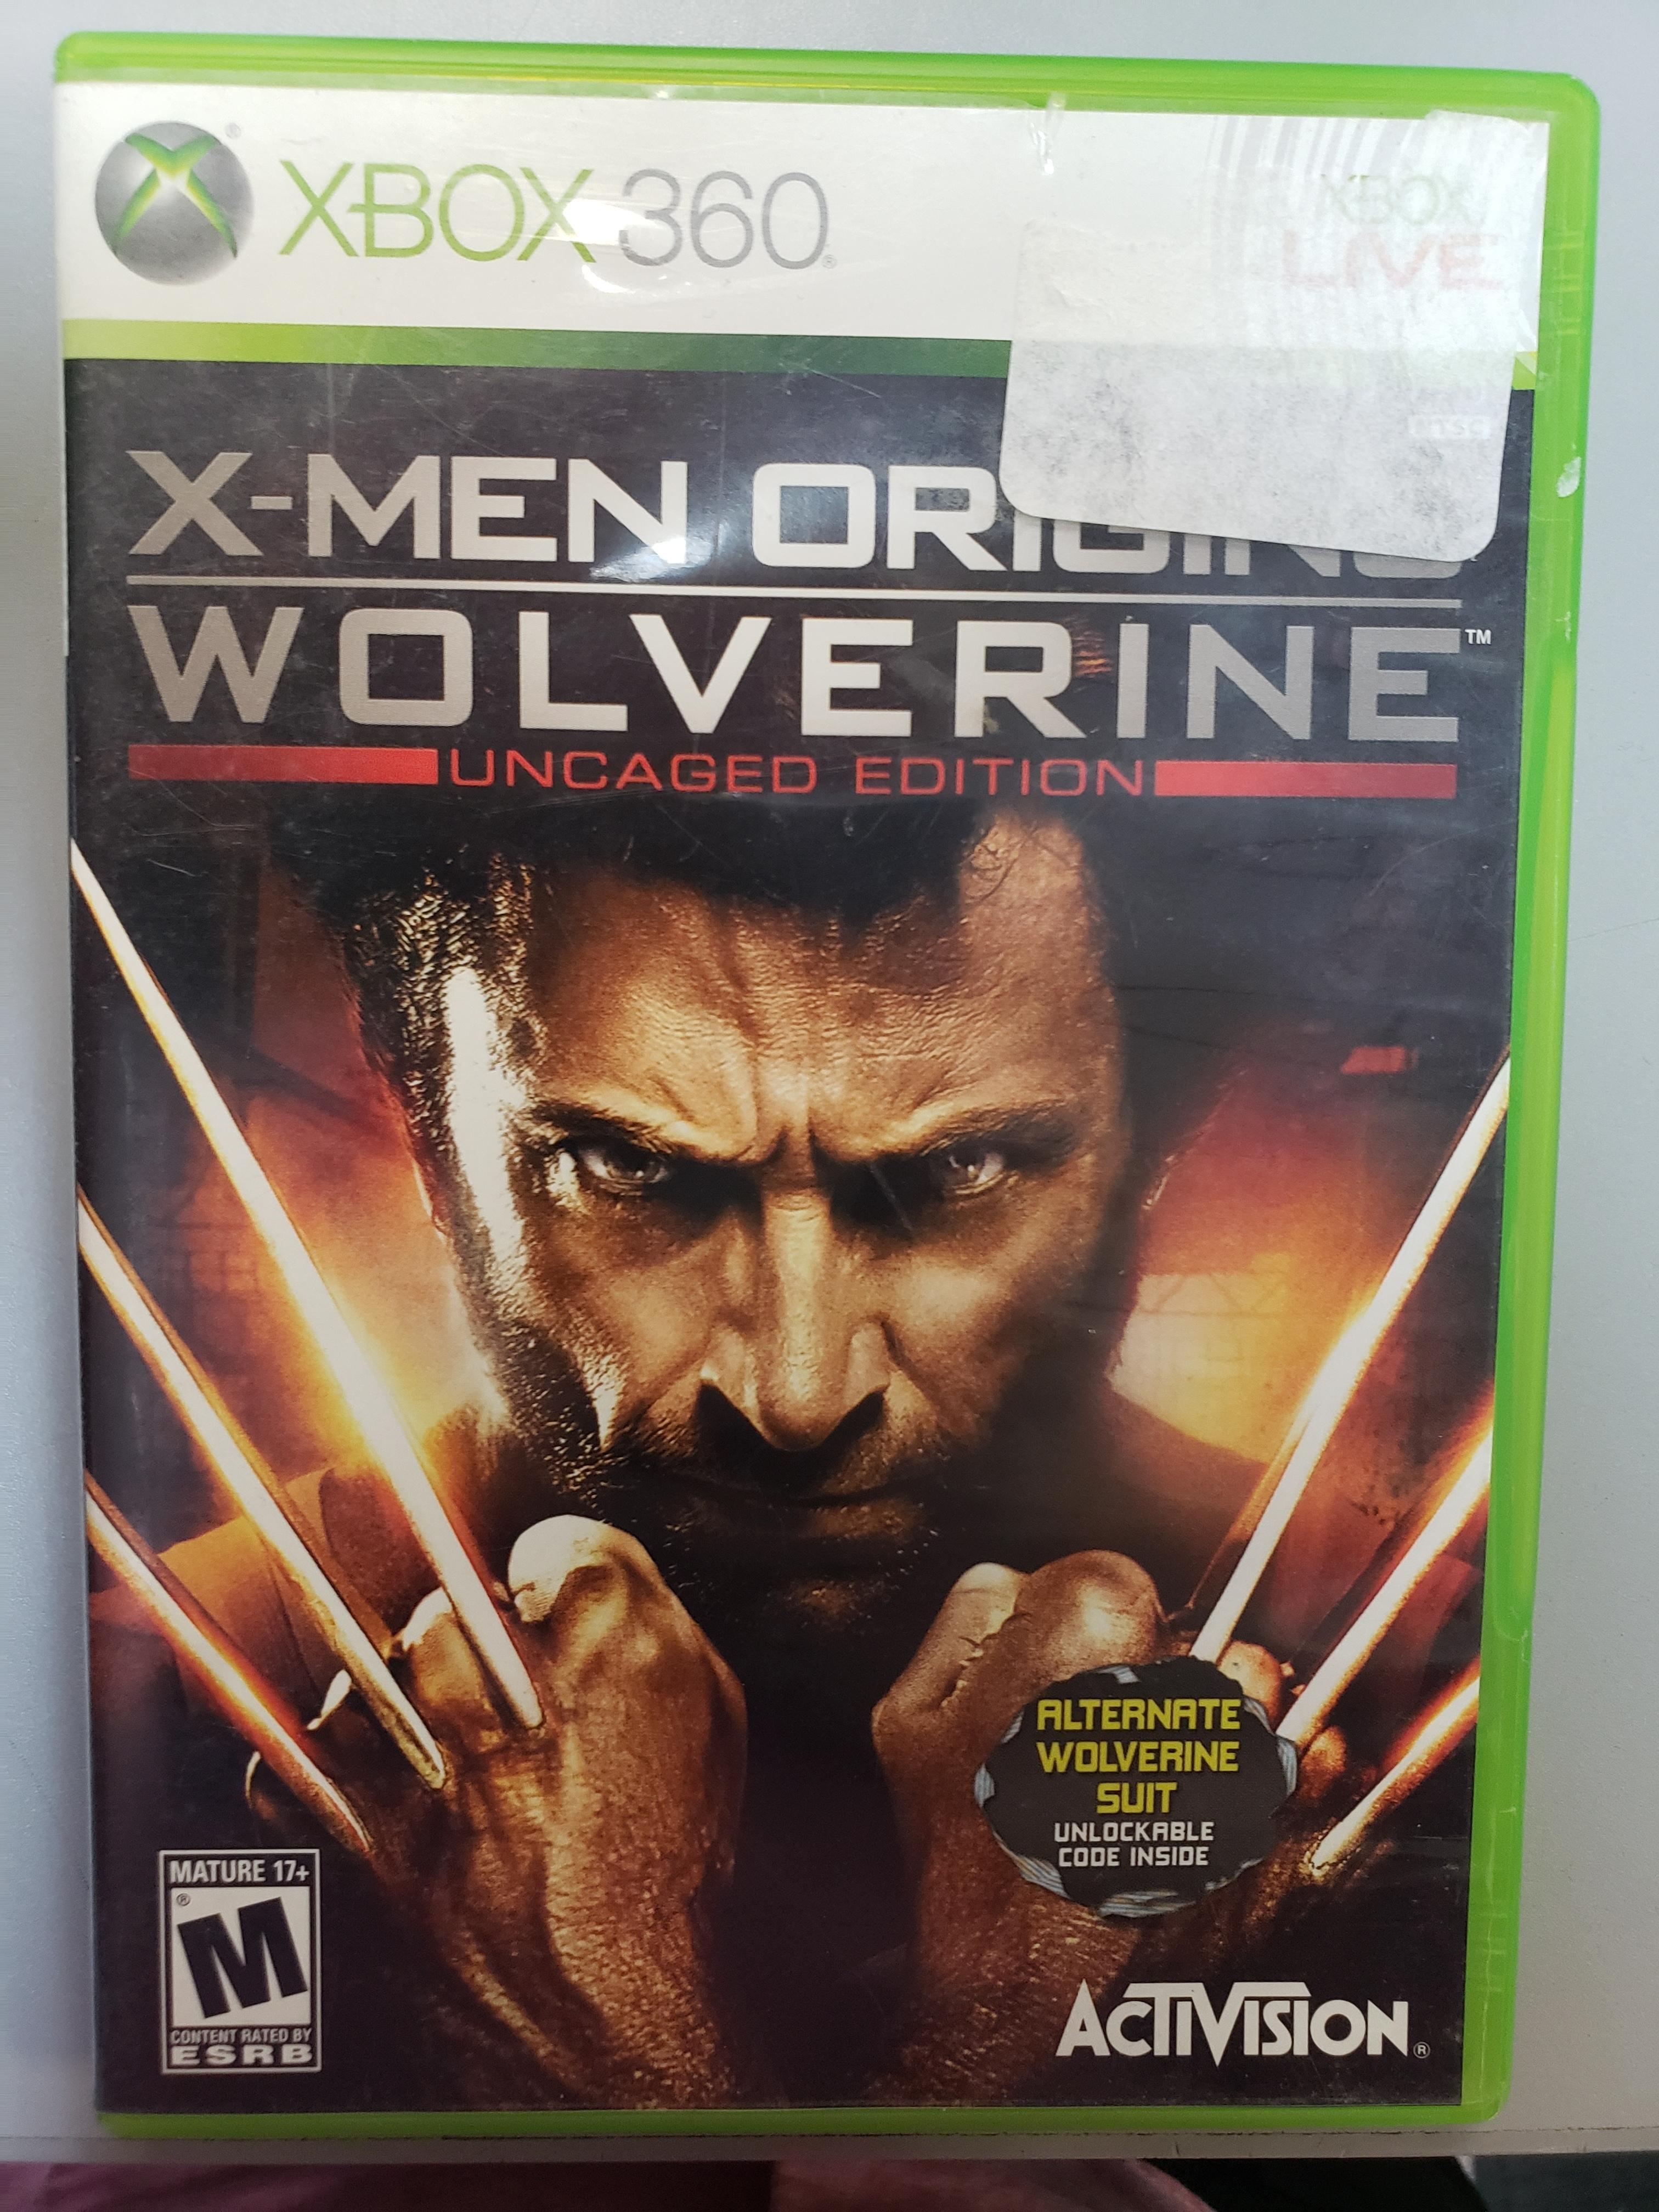 X-MEN ORIGINS WOLVERINE UNCAGED EDITION - XBOX 360 GAME